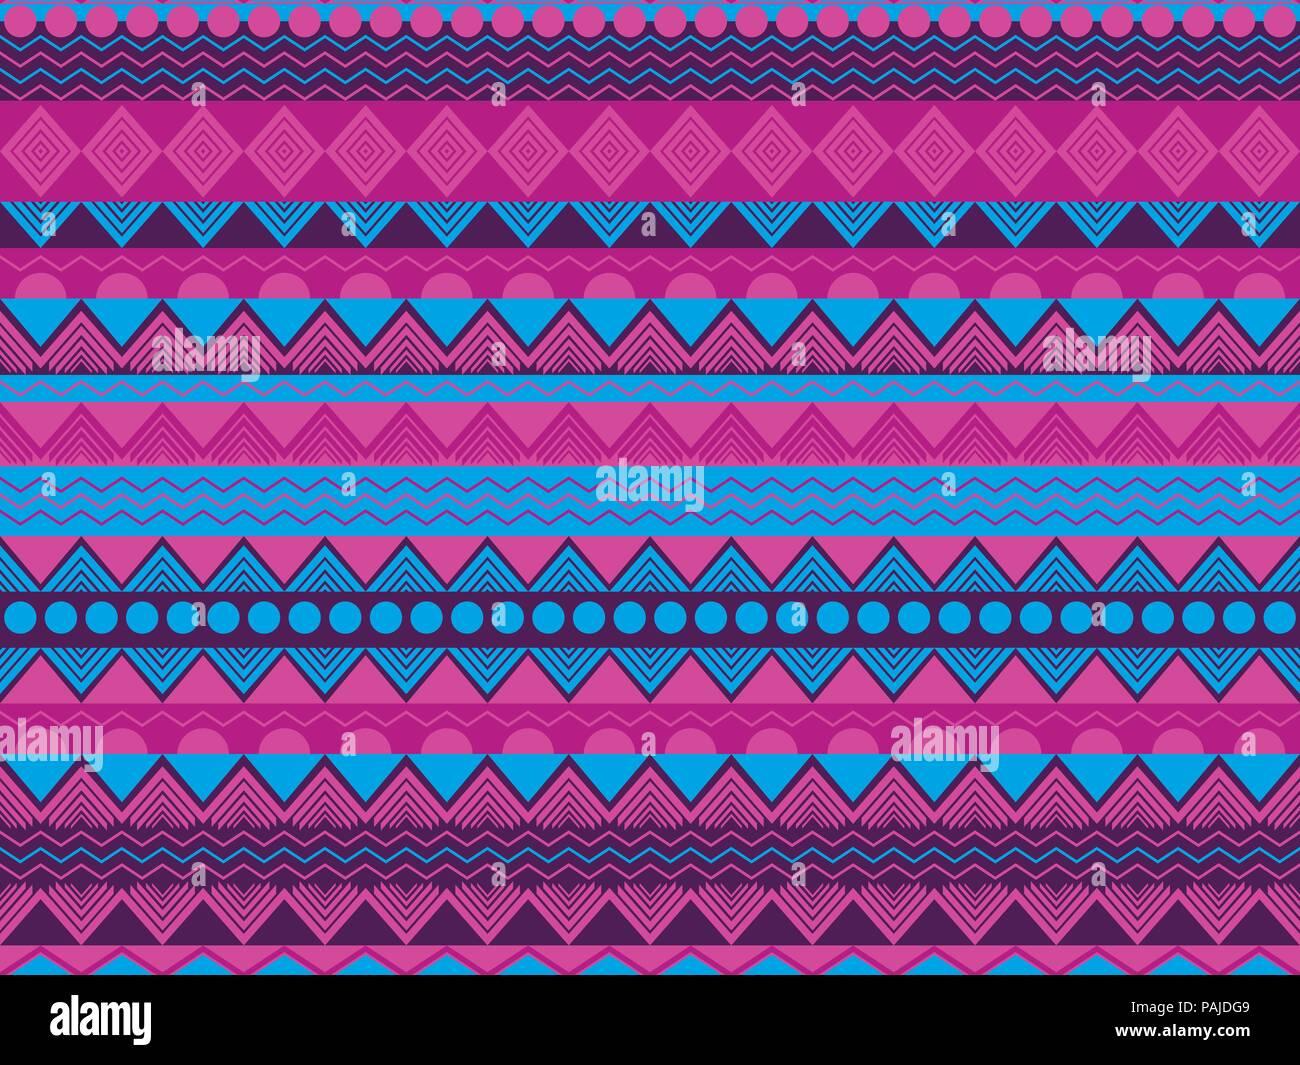 Modele Logique Ethnique Violet Et Bleu Textiles Tribal Style